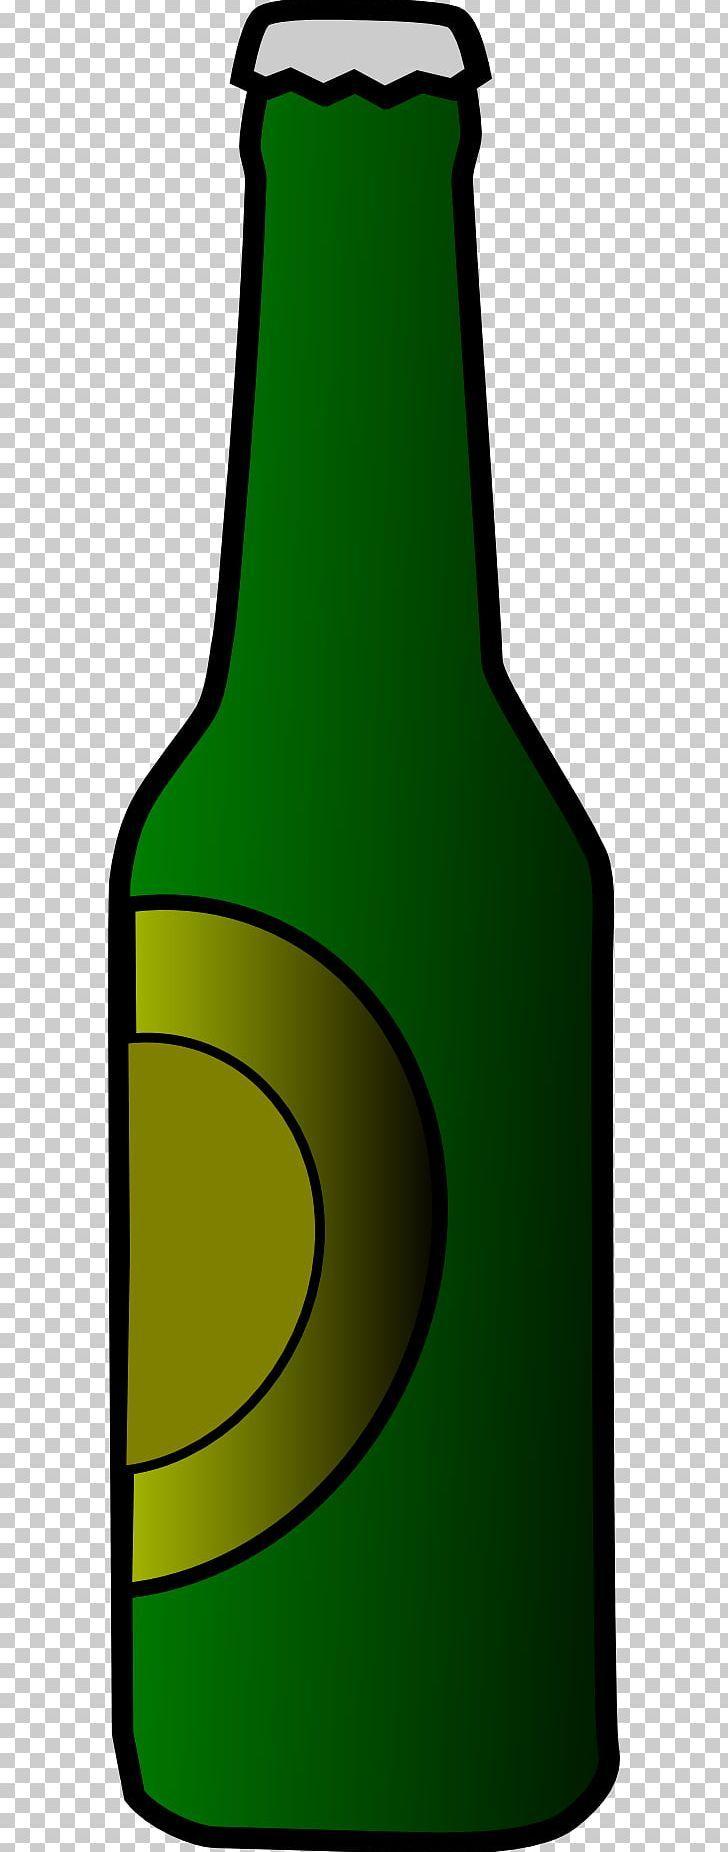 Beer Bottle Water Bottles Png Alcohol Bottle Cliparts Alcoholic Beverage Beer Beer Bottle Bottle Alcoholic Drinks Alcohol Bottles Beer Bottle